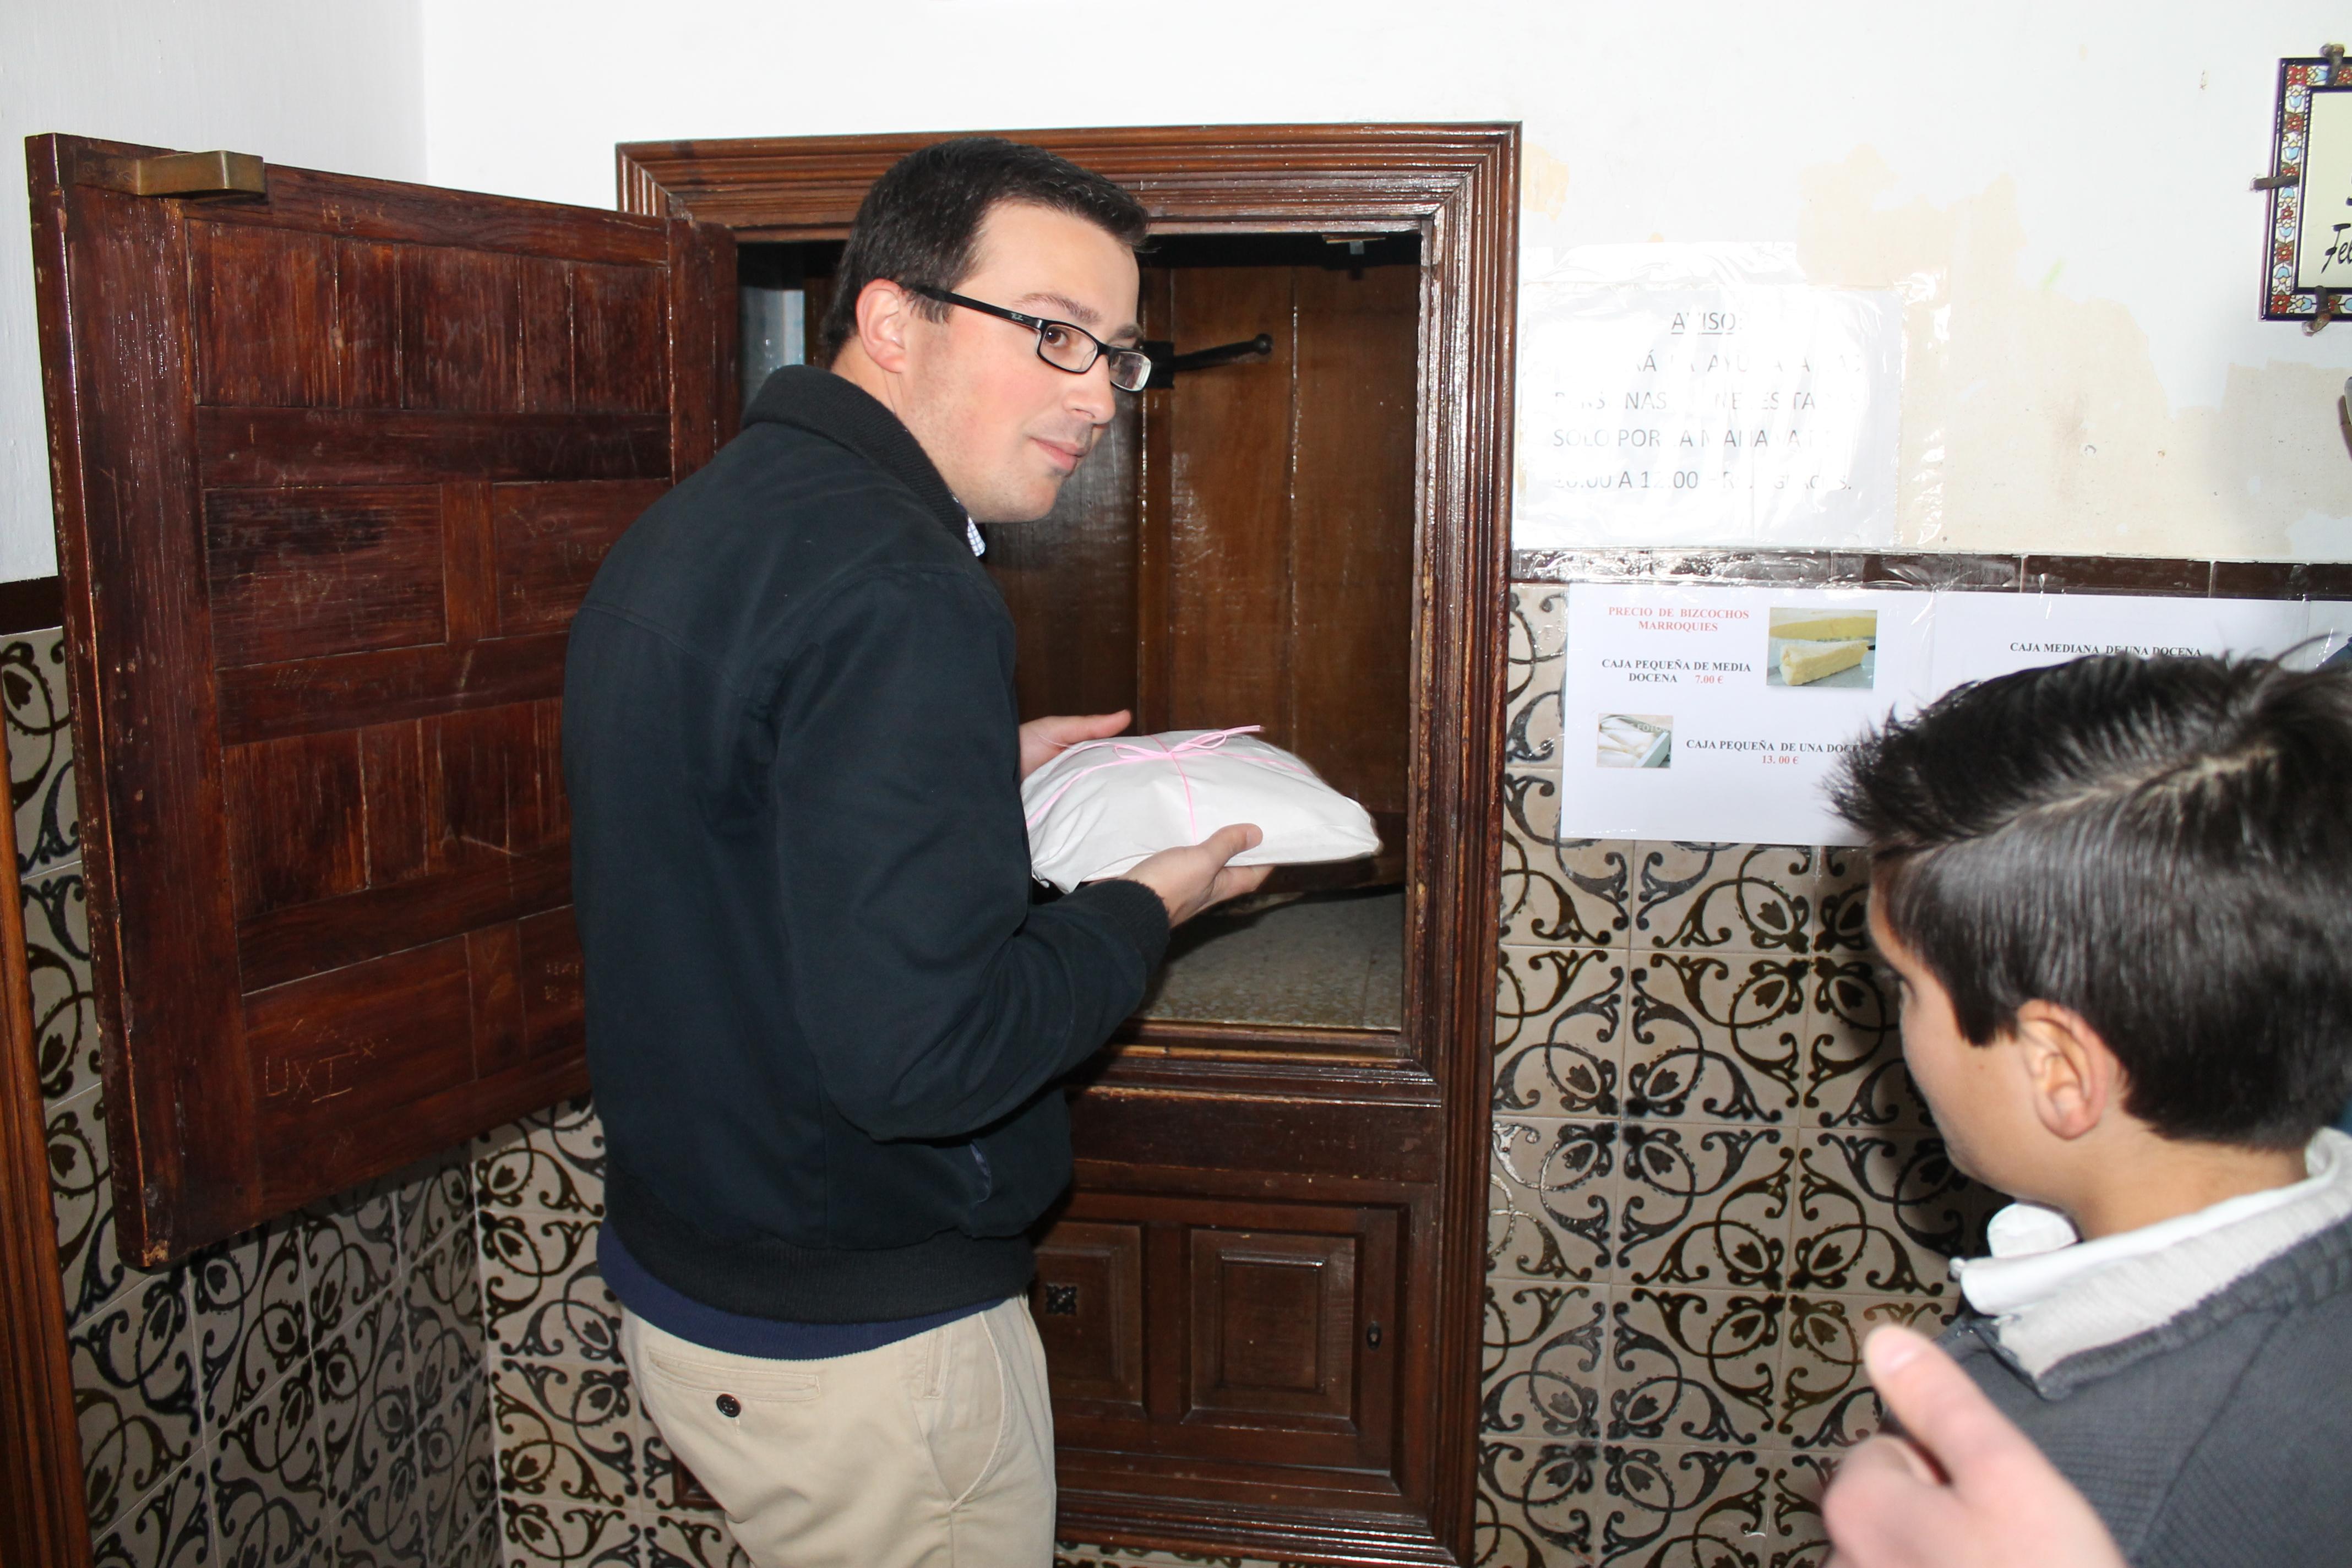 Un hombre recoge una bandeja de los célebres bizcochos marroquíes del torno del convento ecijano. Foto: M. R.